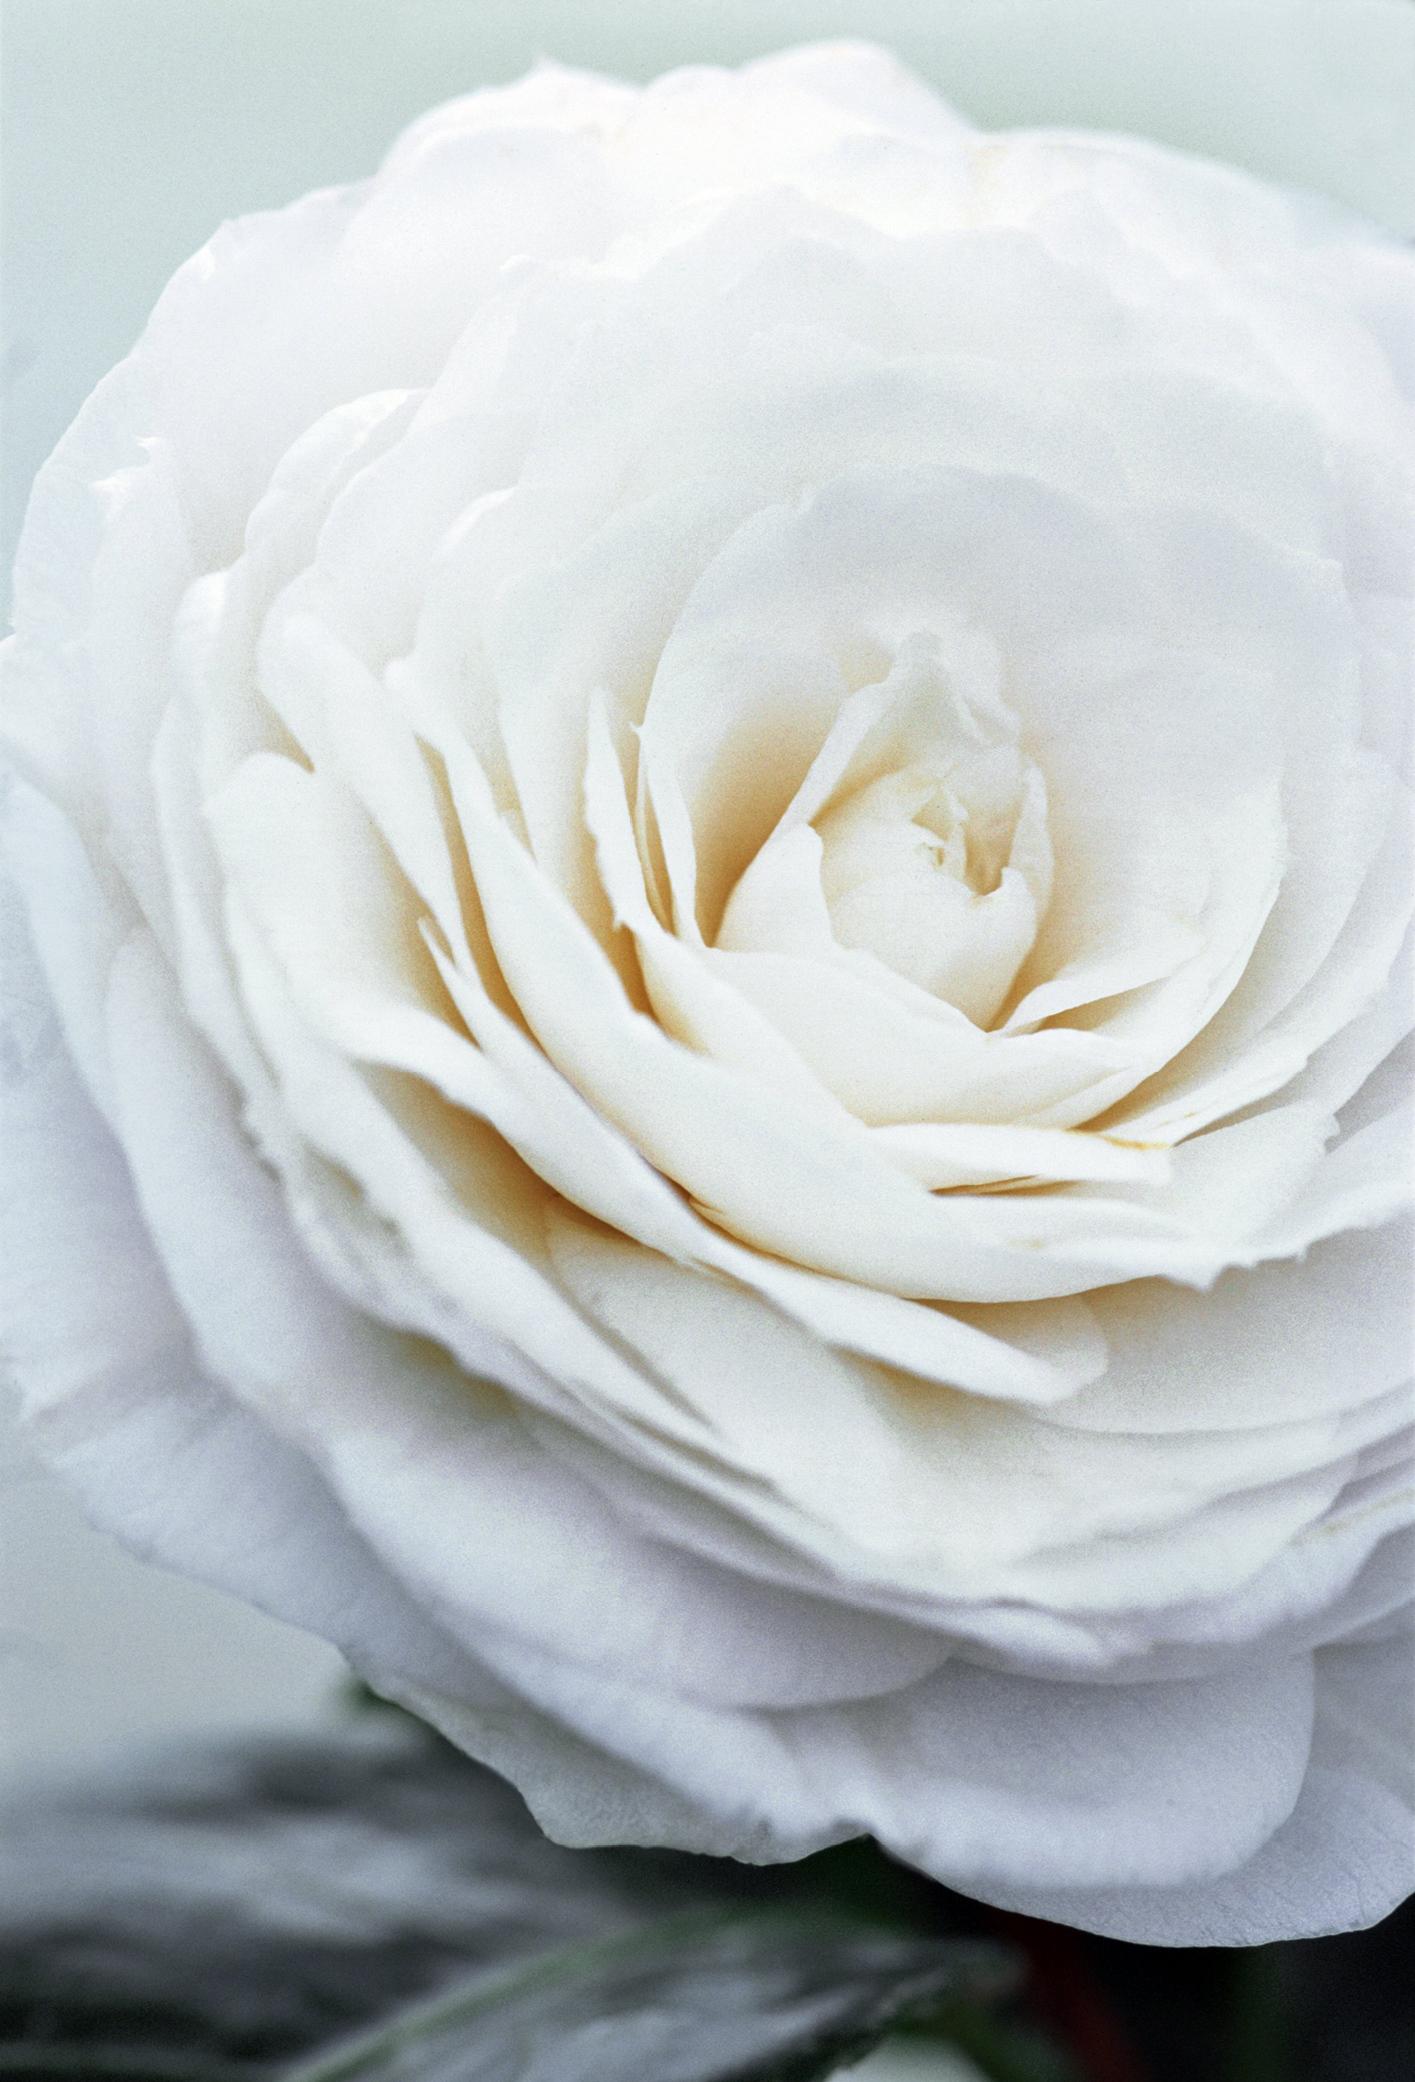 A symbolic white camellia